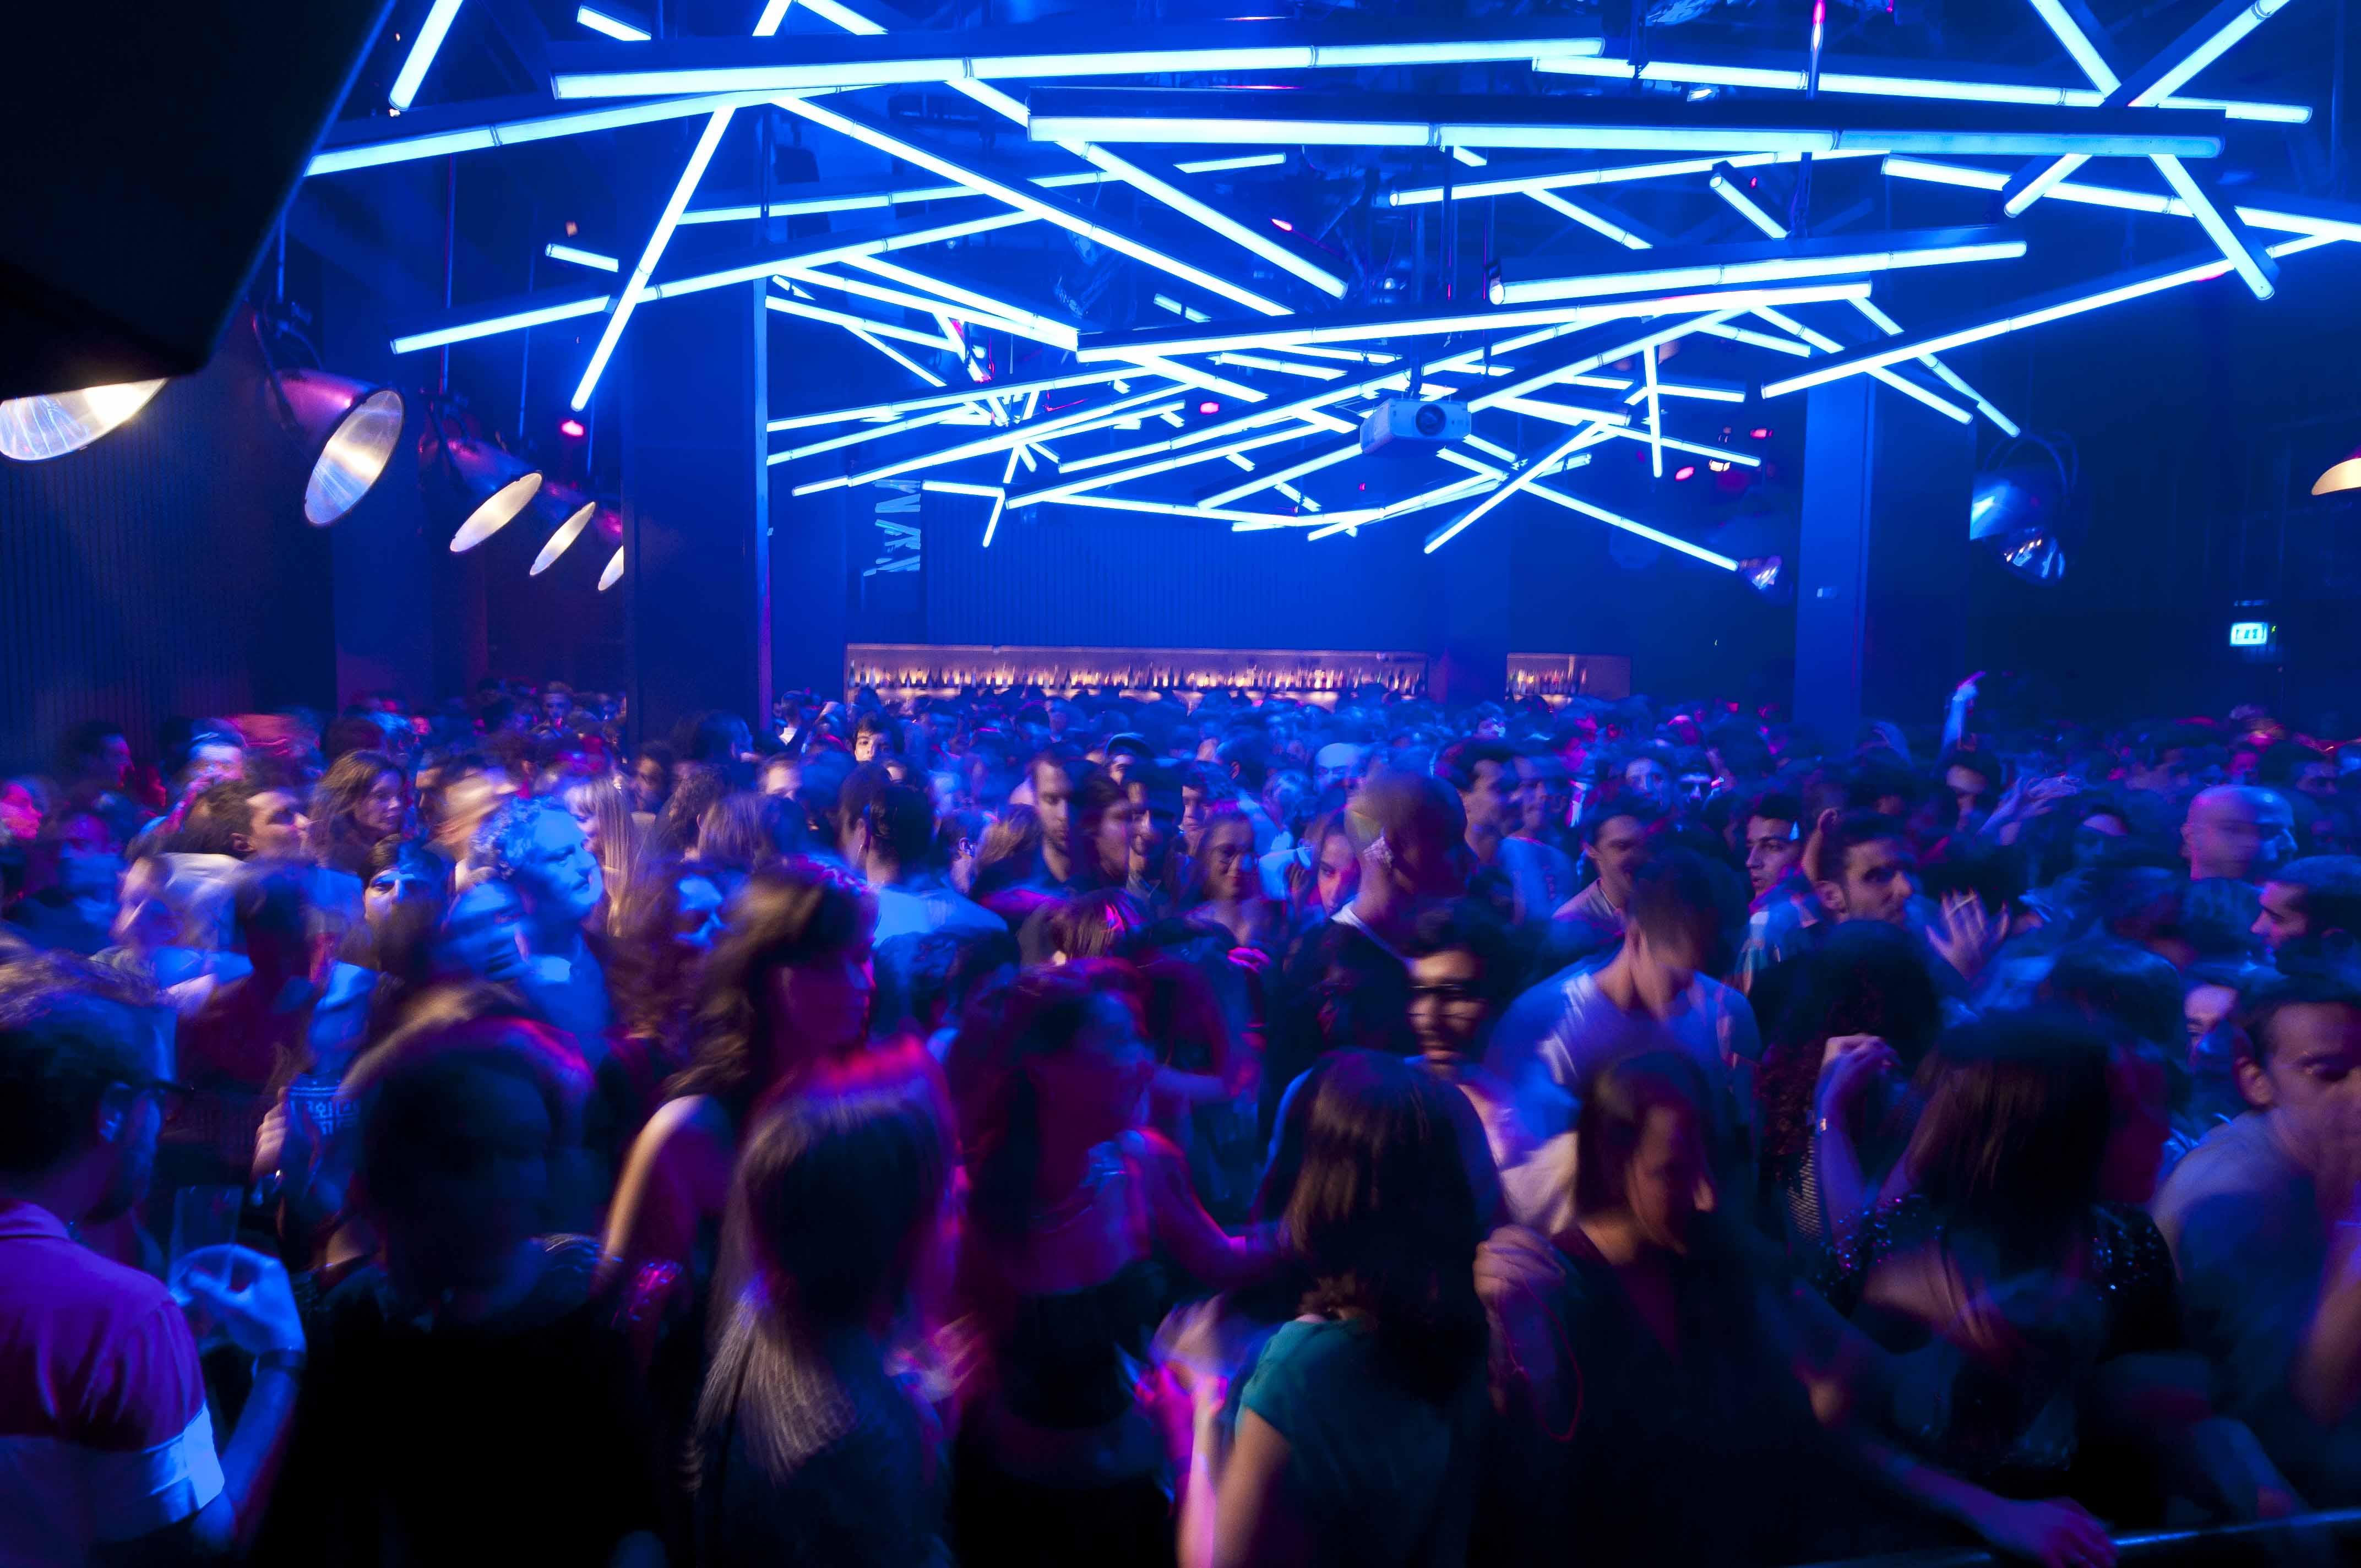 Discoteca Lux Lisboa